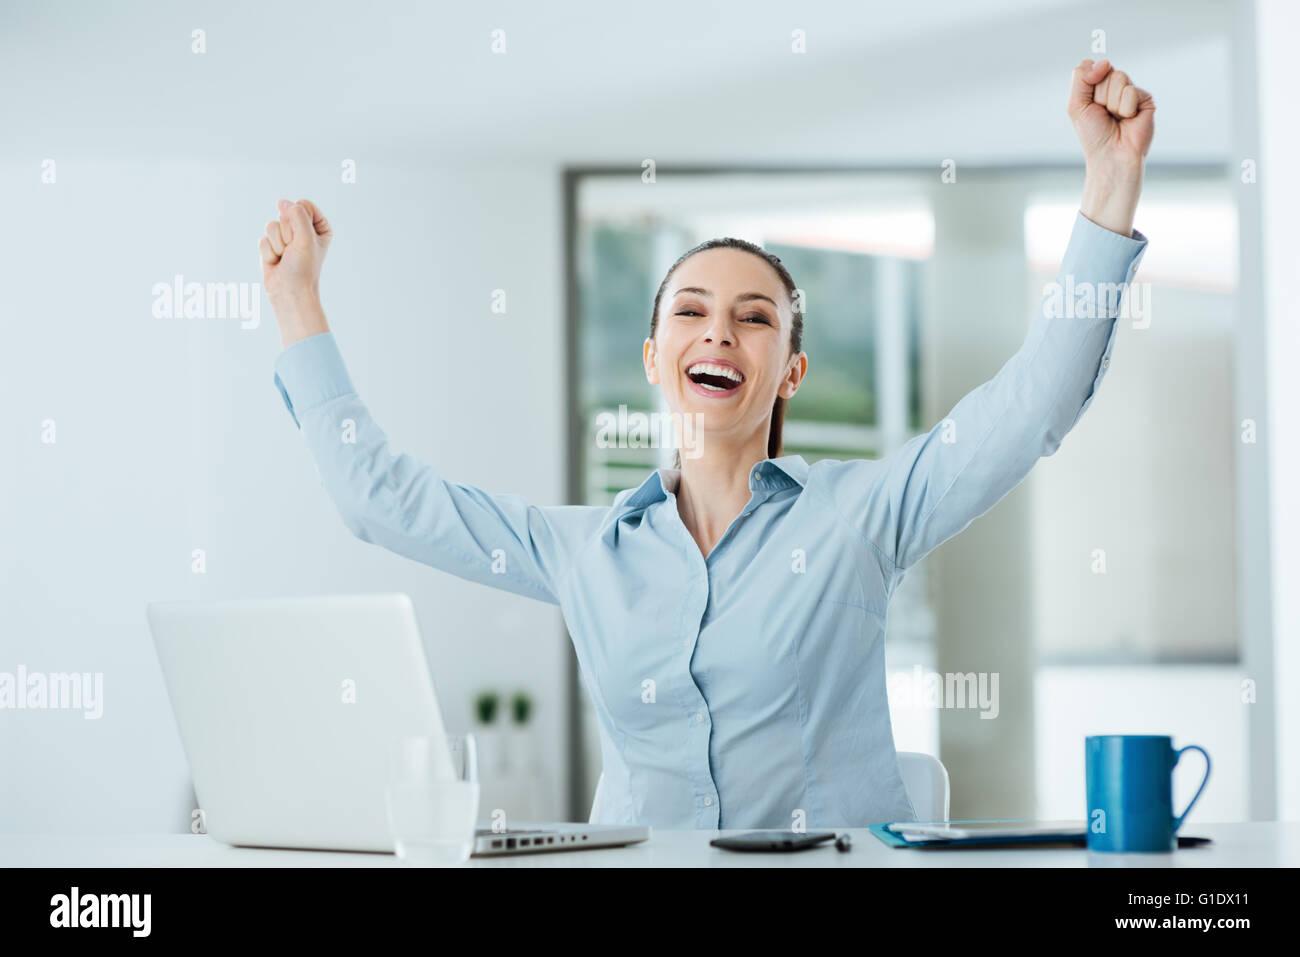 Cheerful businesswoman réussie avec les poings soulevées sitting at Office 24, réalisation et concept Photo Stock